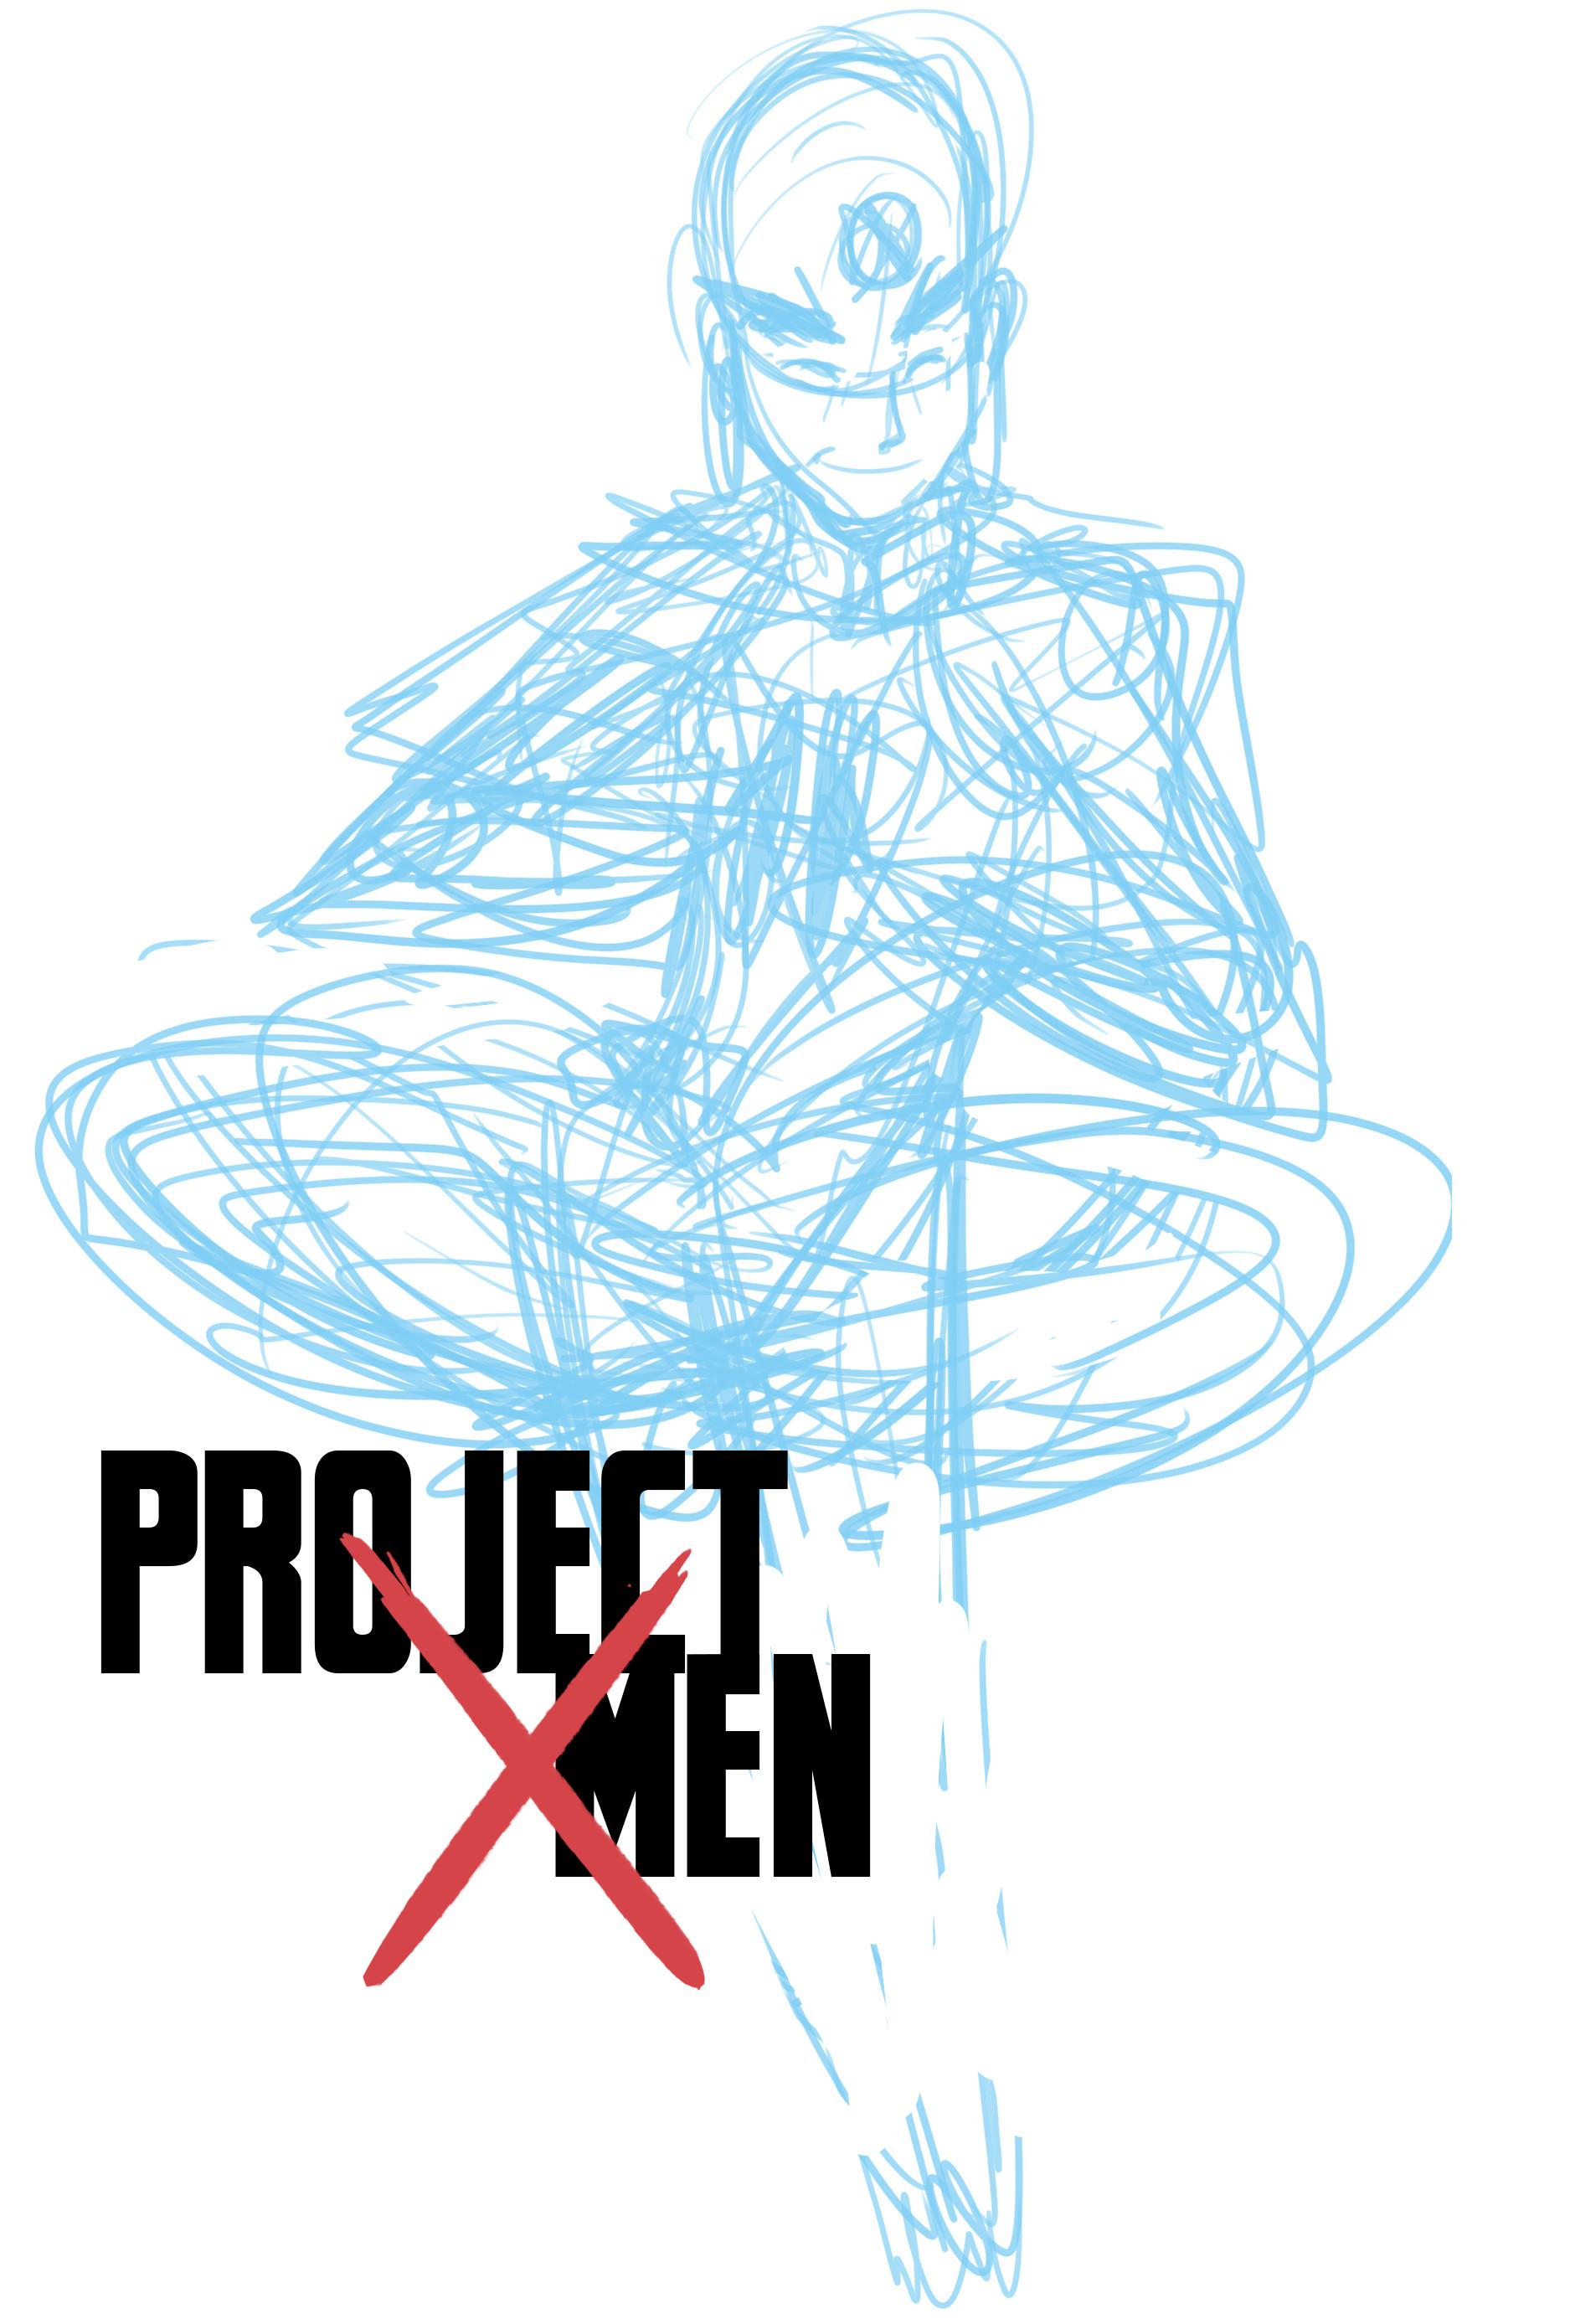 Rashx doucet projectxmen profx